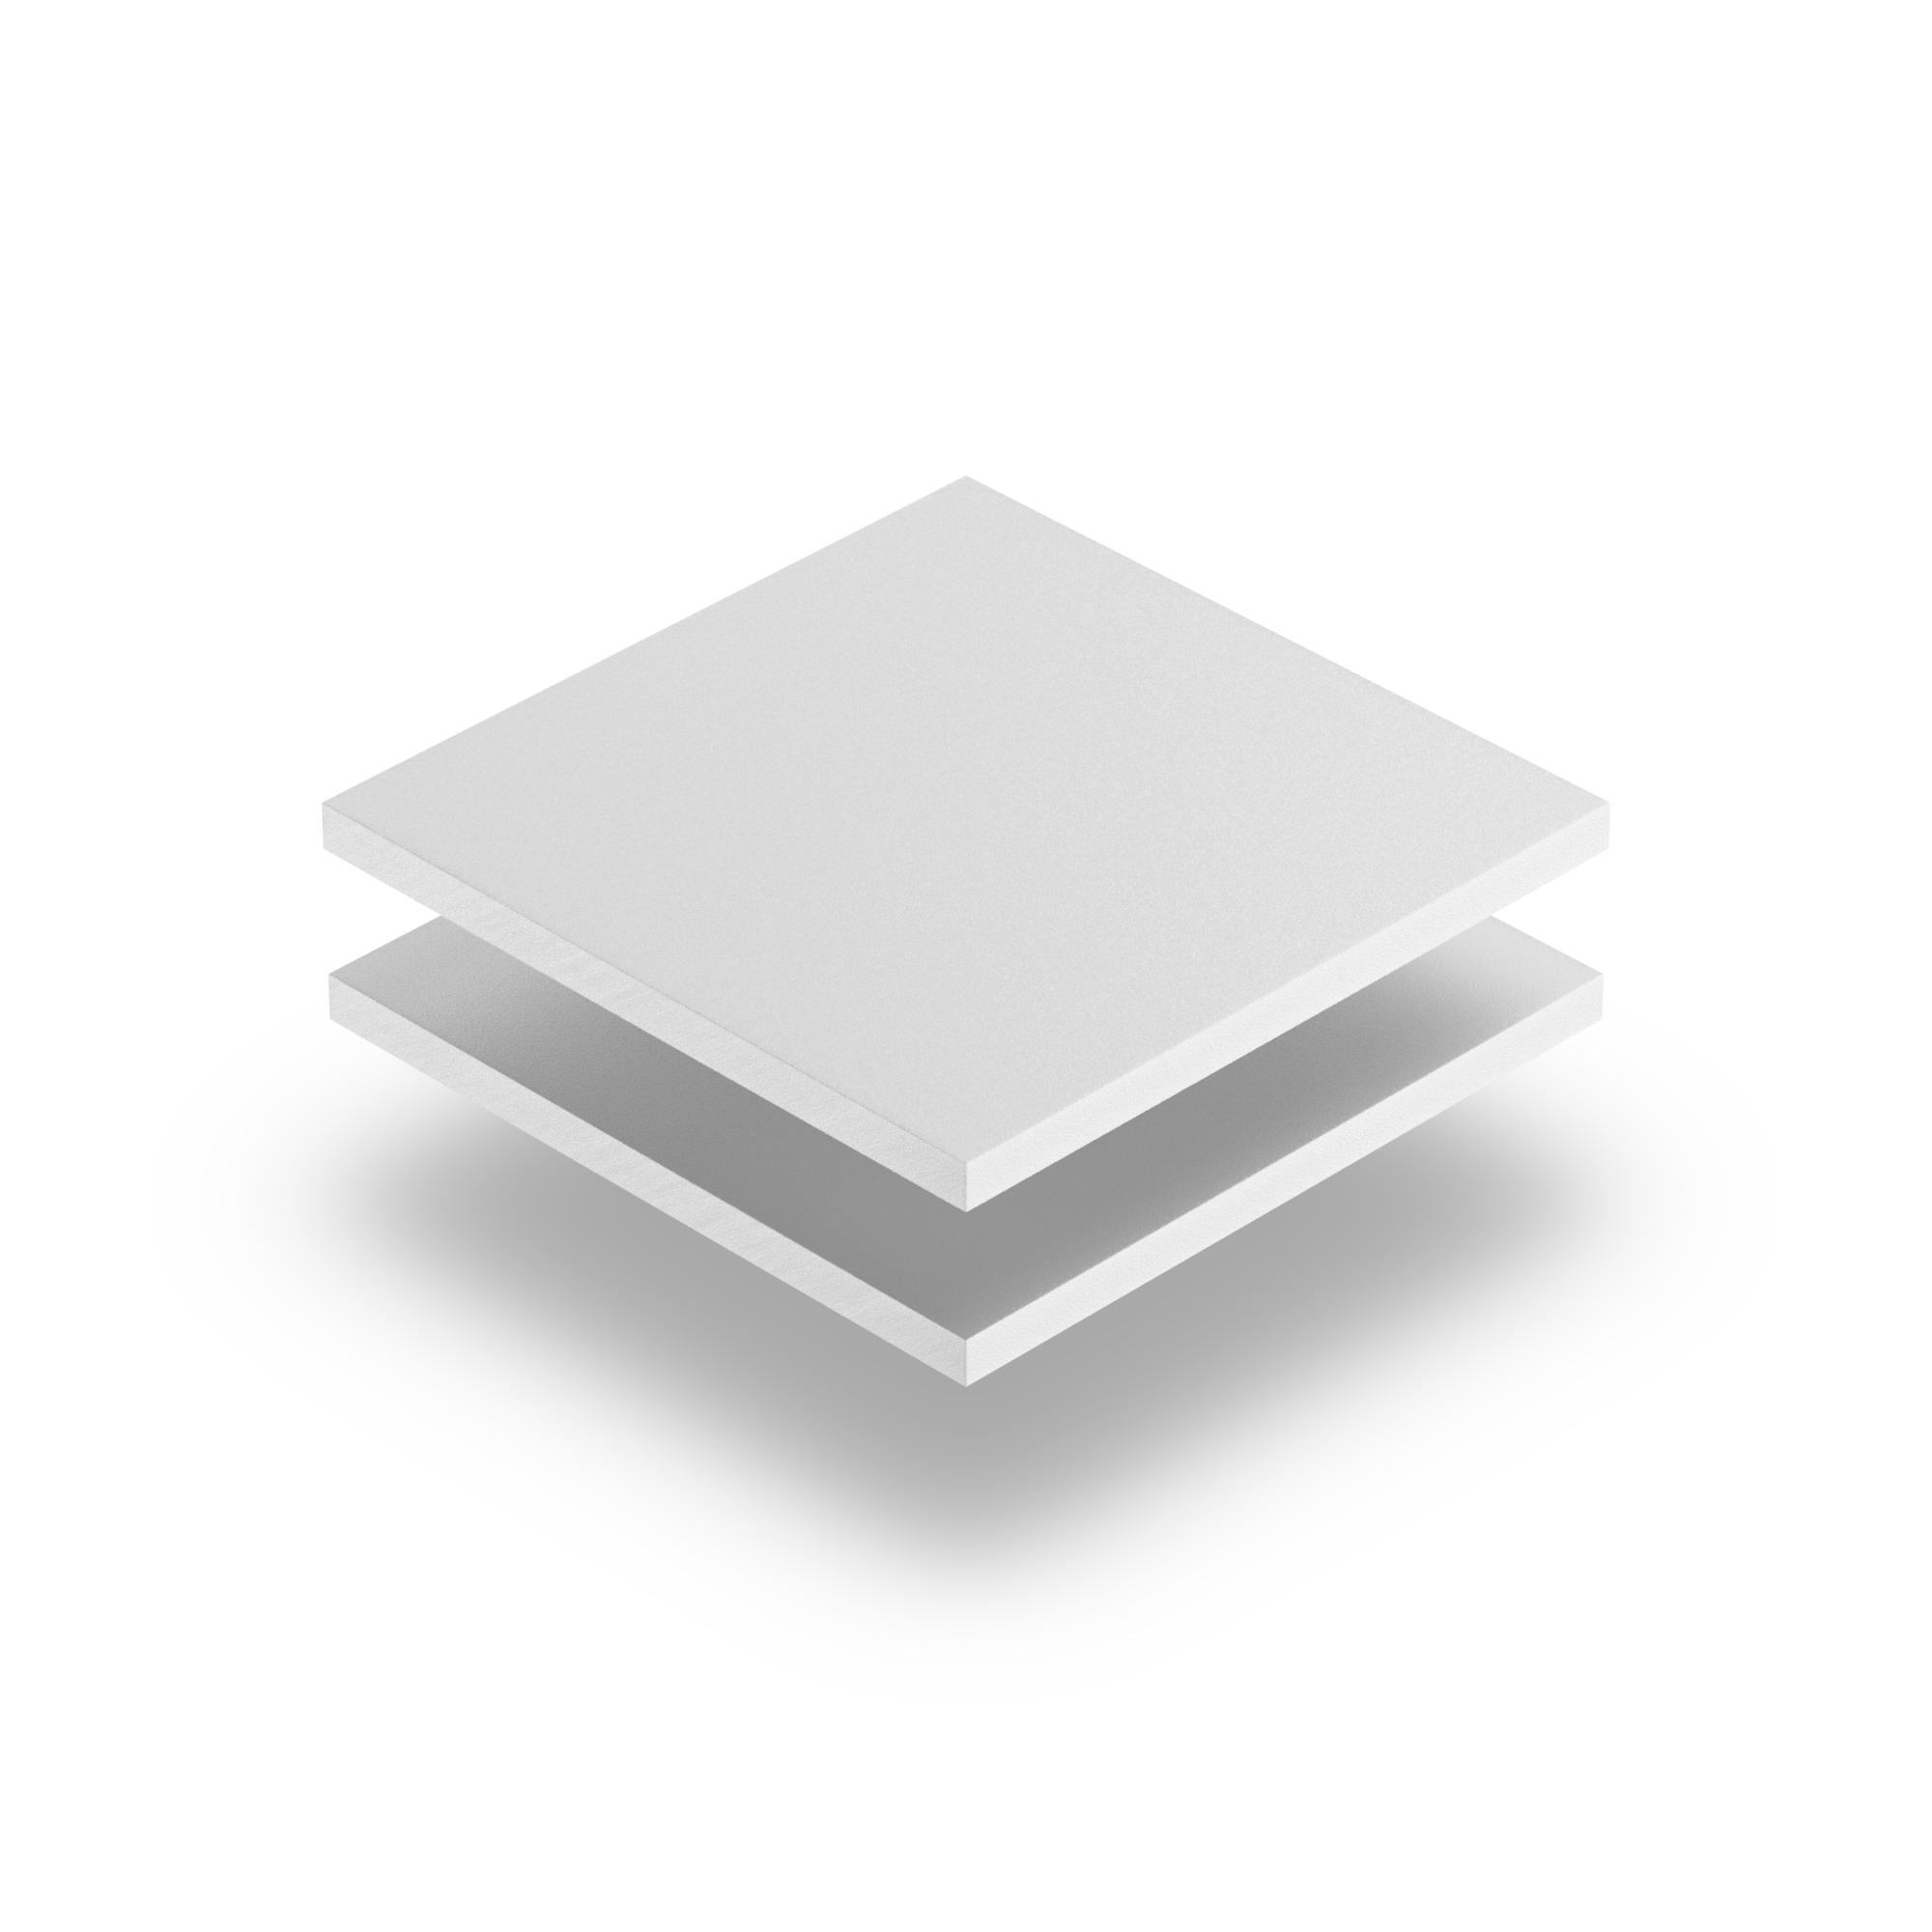 pvc hartschaumplatten wei 4 mm zuschnitt nach ma. Black Bedroom Furniture Sets. Home Design Ideas